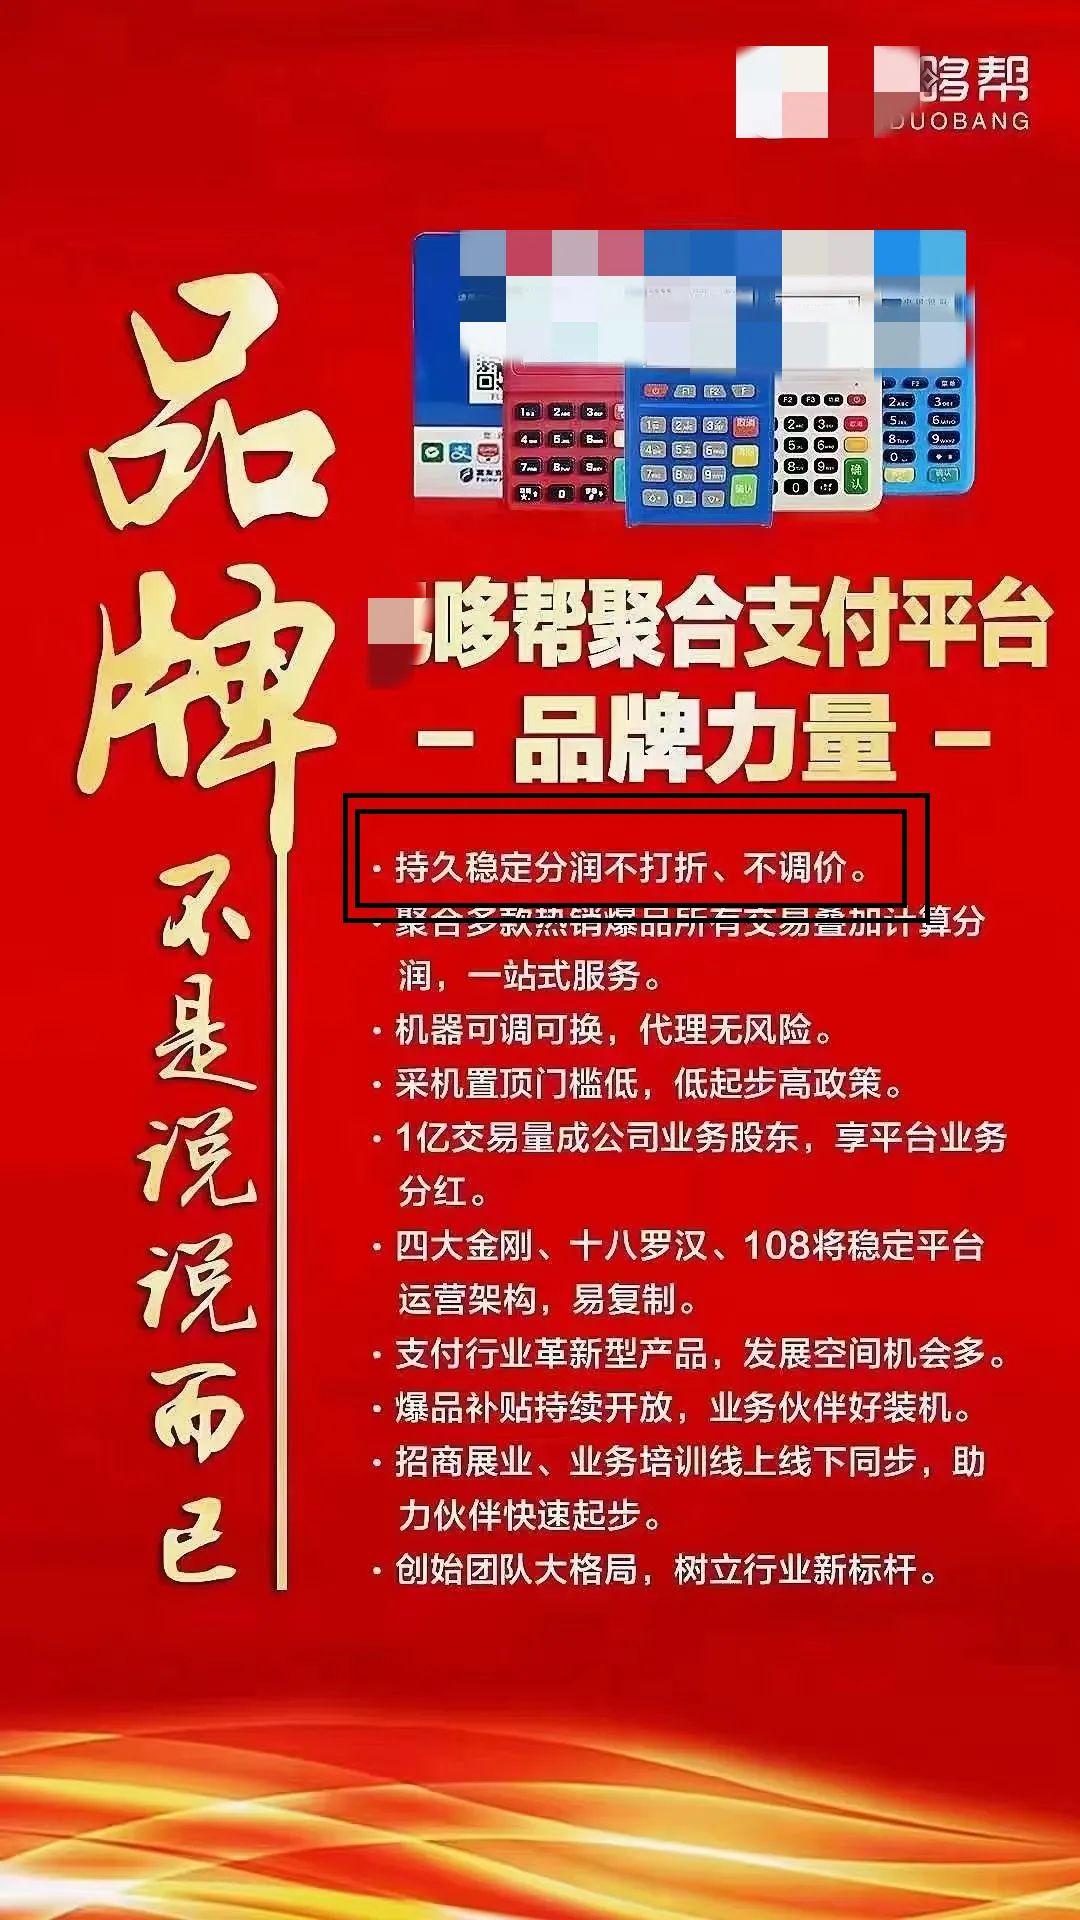 北京亿哆帮聚合支付平台代理怎么样了?「开始收割」